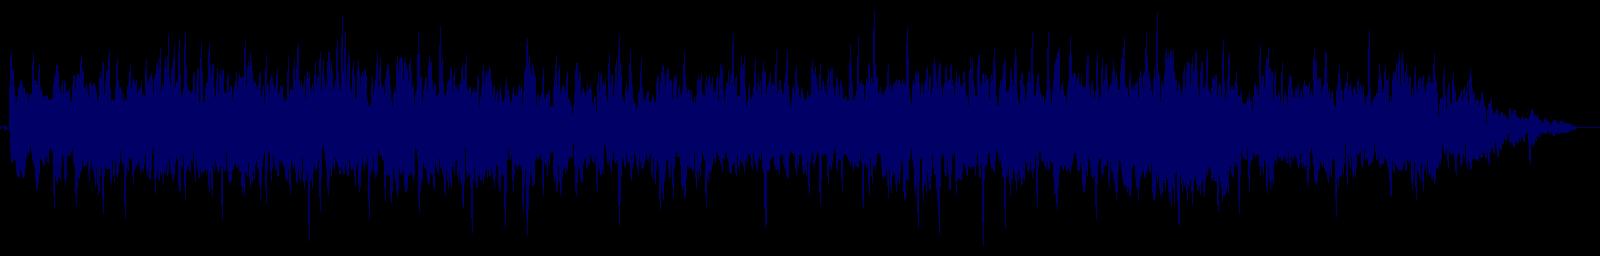 waveform of track #100543